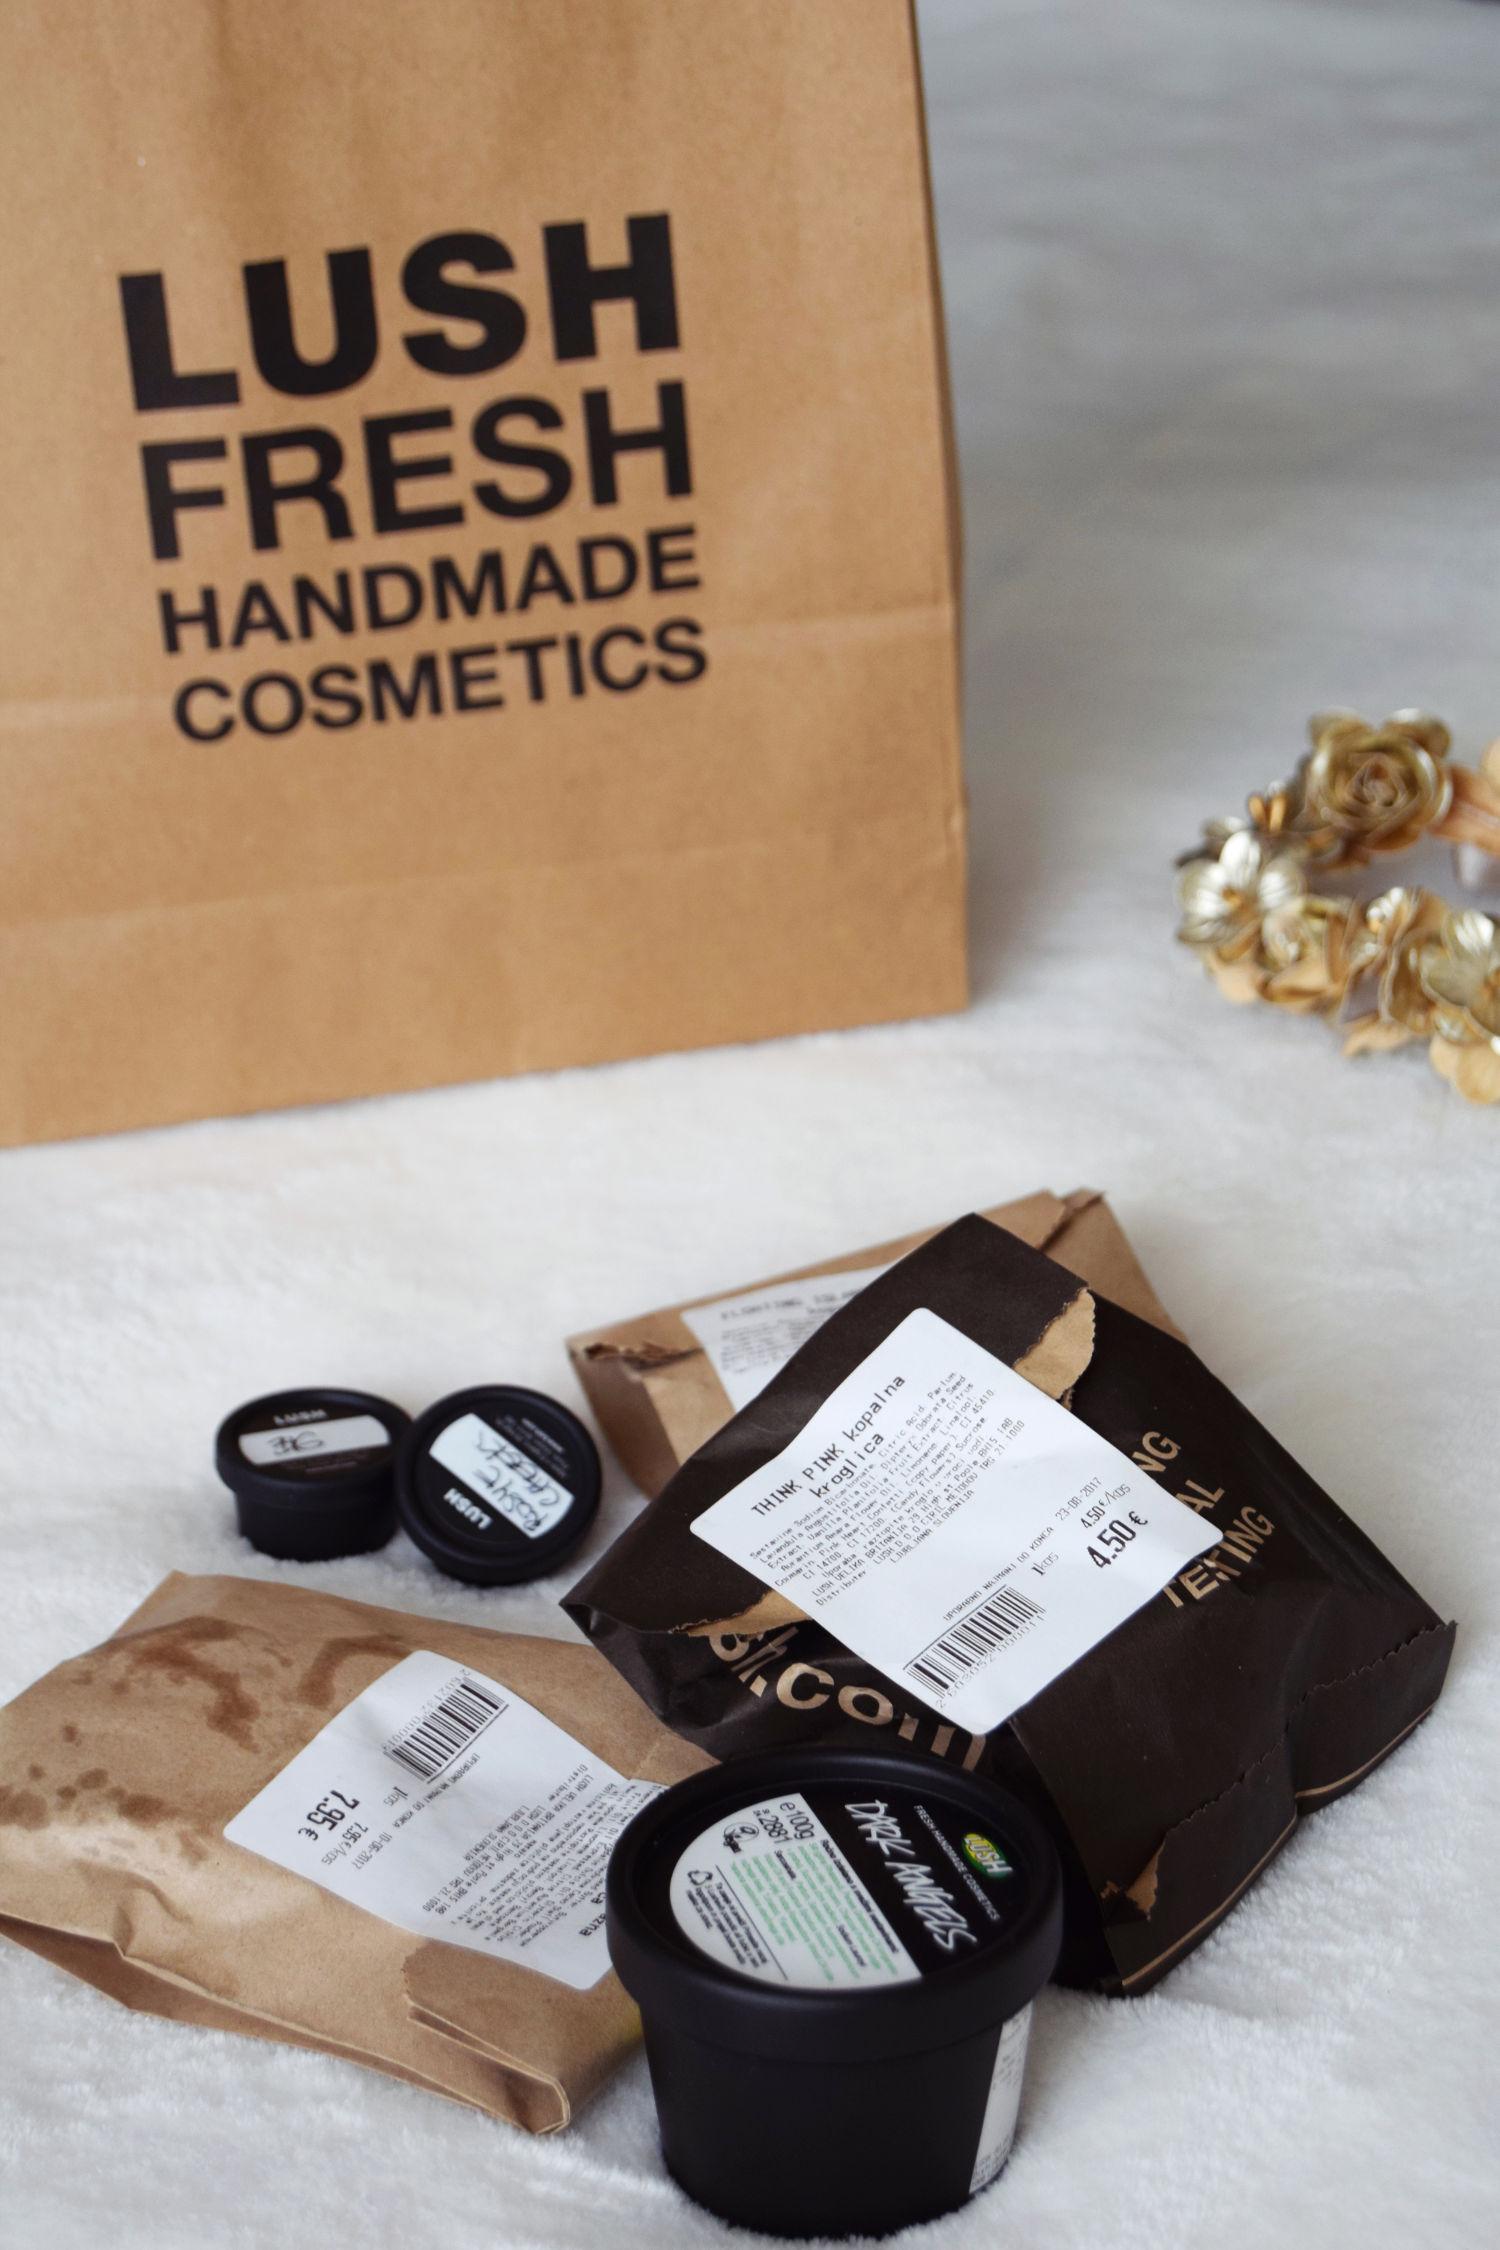 lush_cosmetics_haul_zalabell_beauty_1